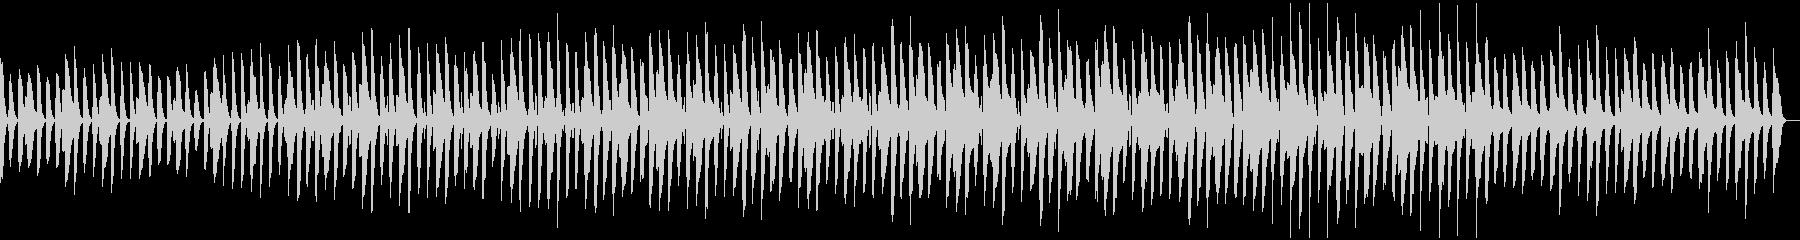 軽やか・かわいい・和みペット動画の未再生の波形